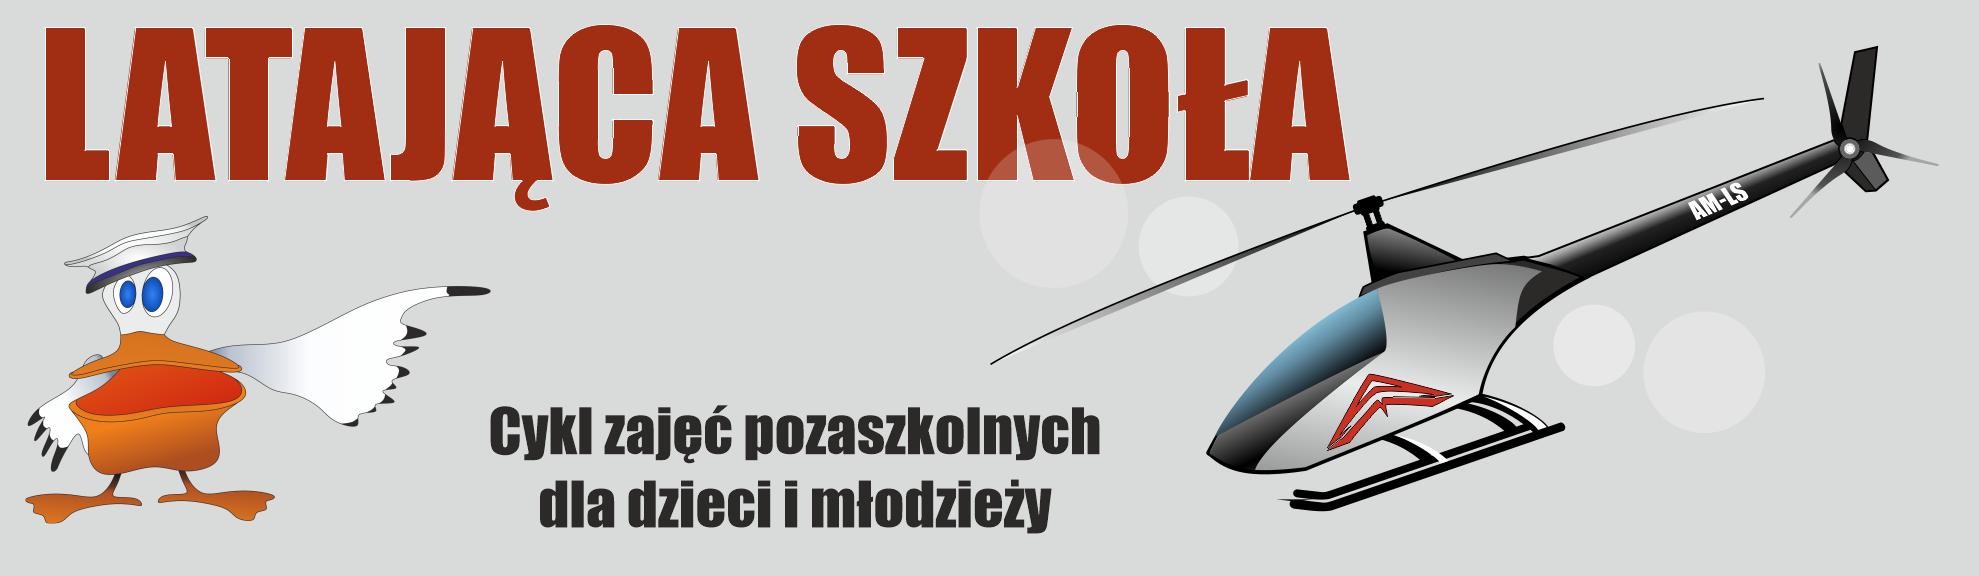 szyld_ls_www